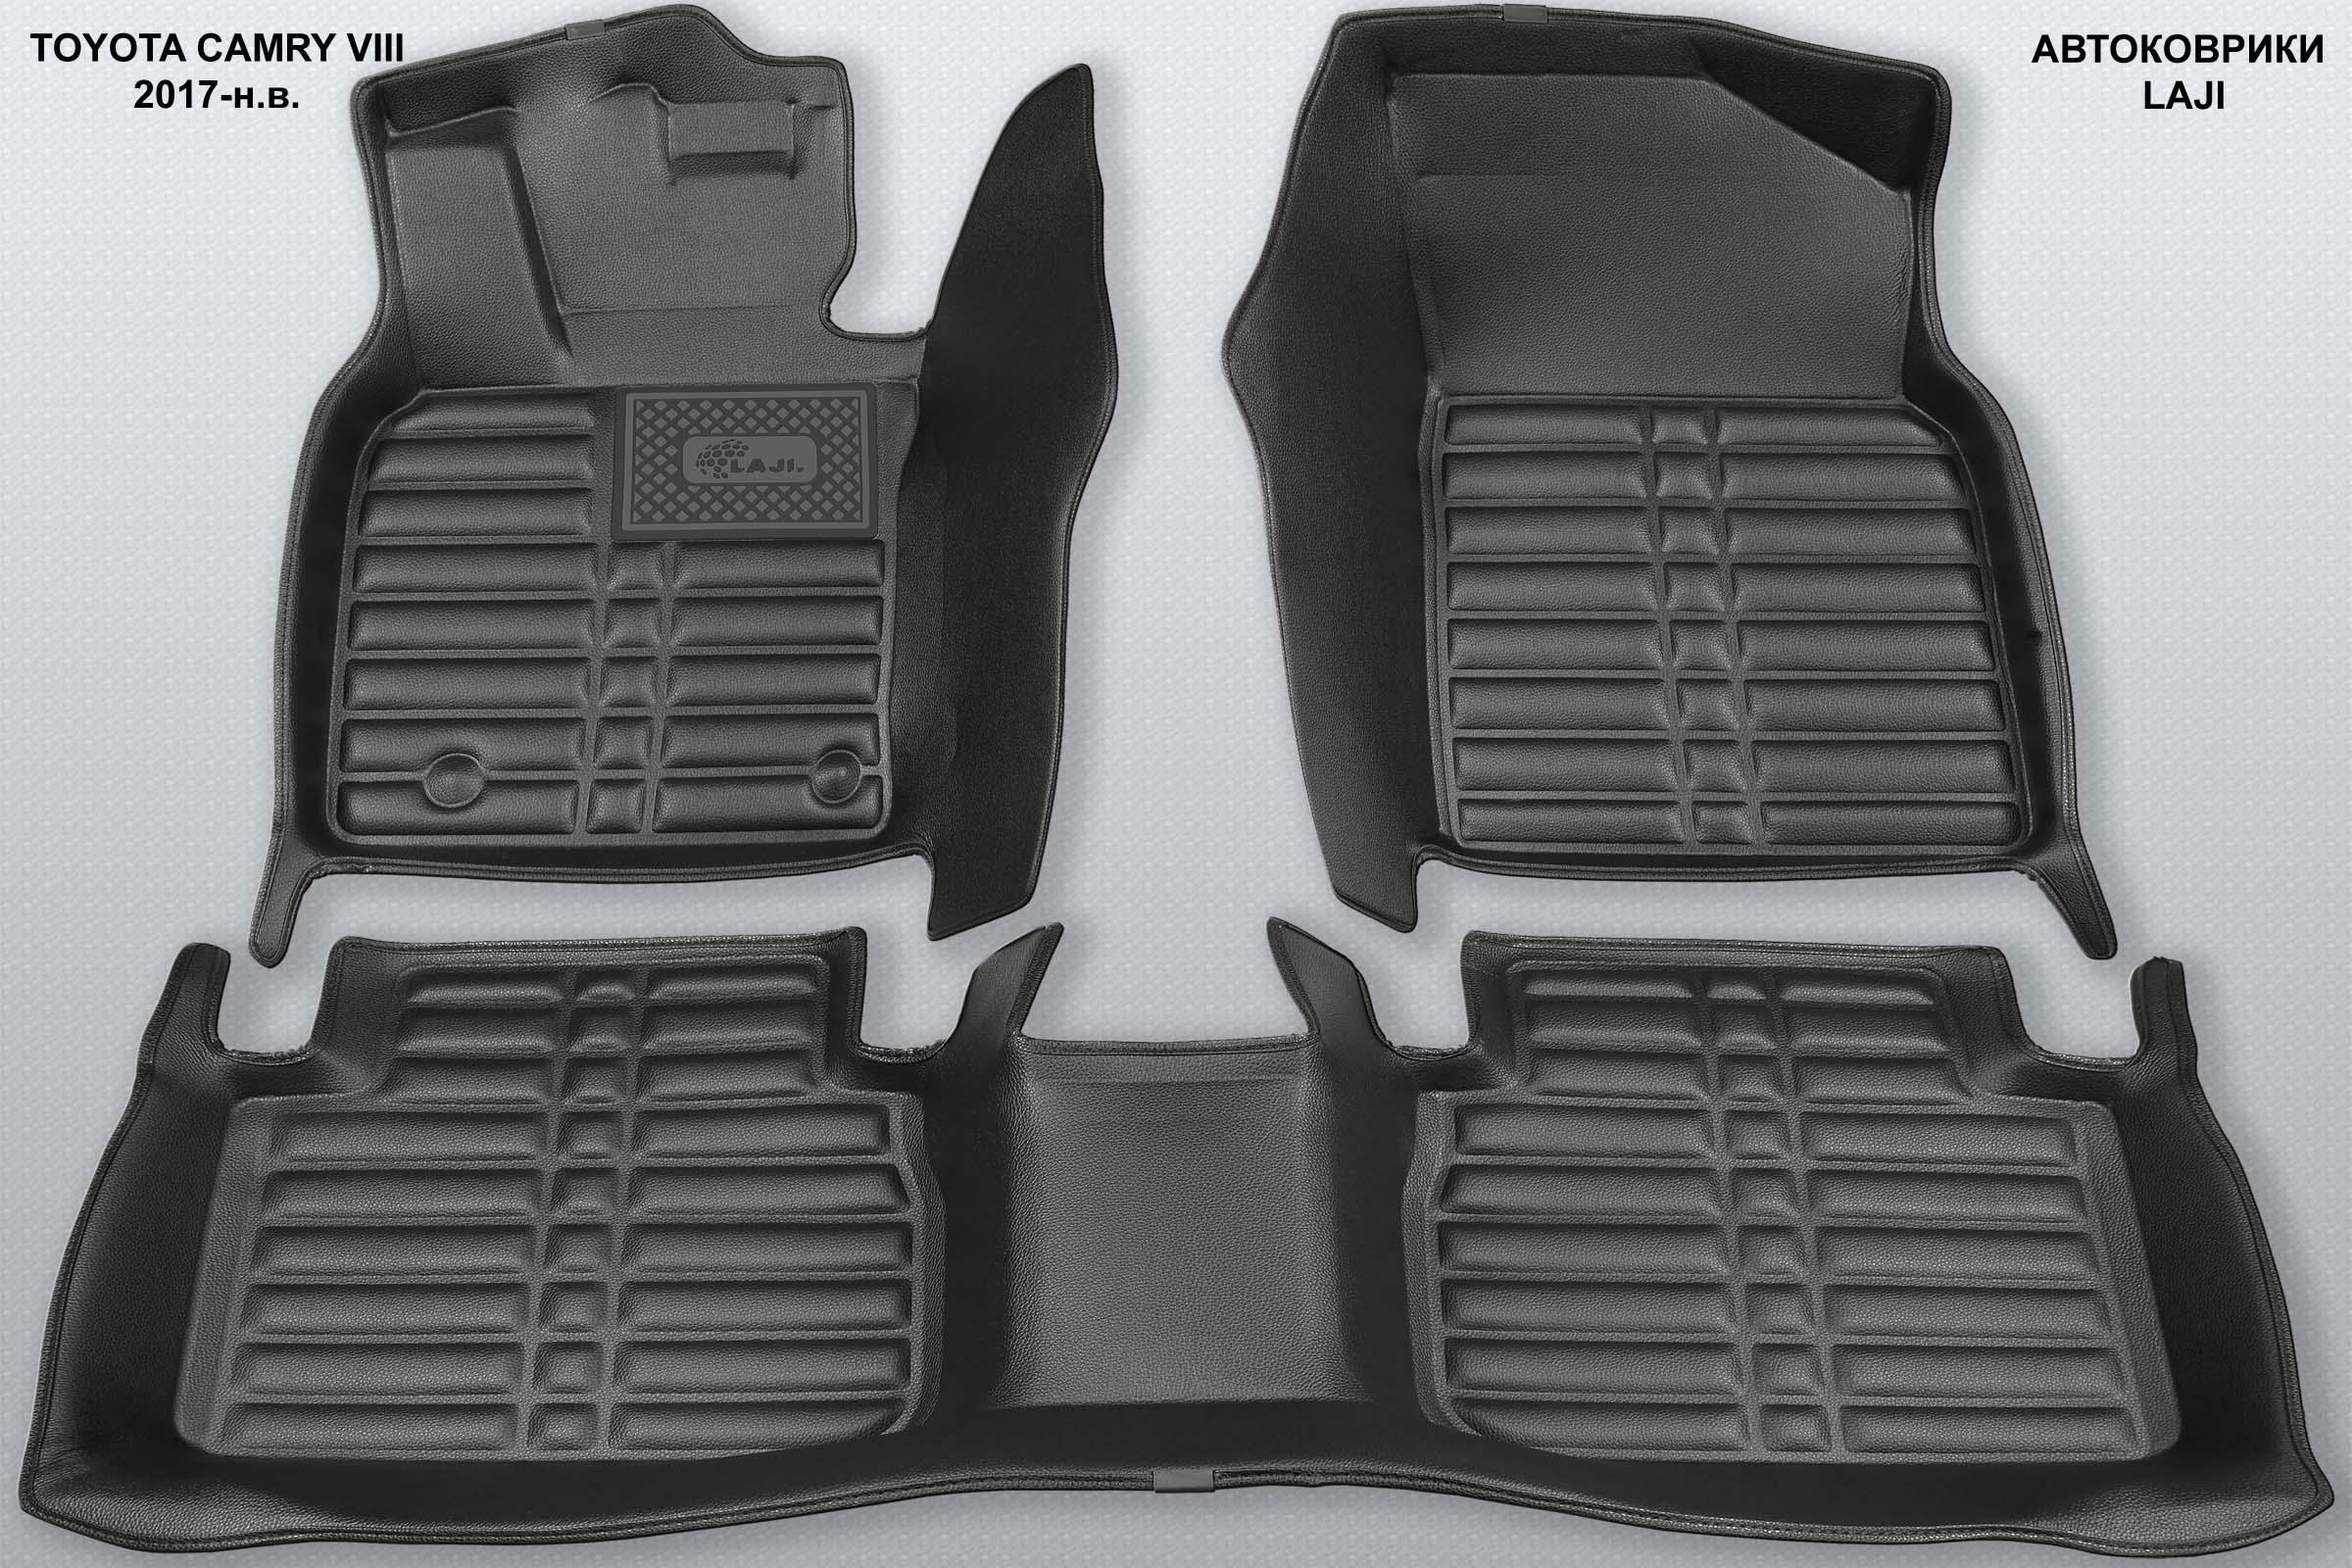 5D коврики в салон Toyota Camry 8 XV70 2018-н.в. 1